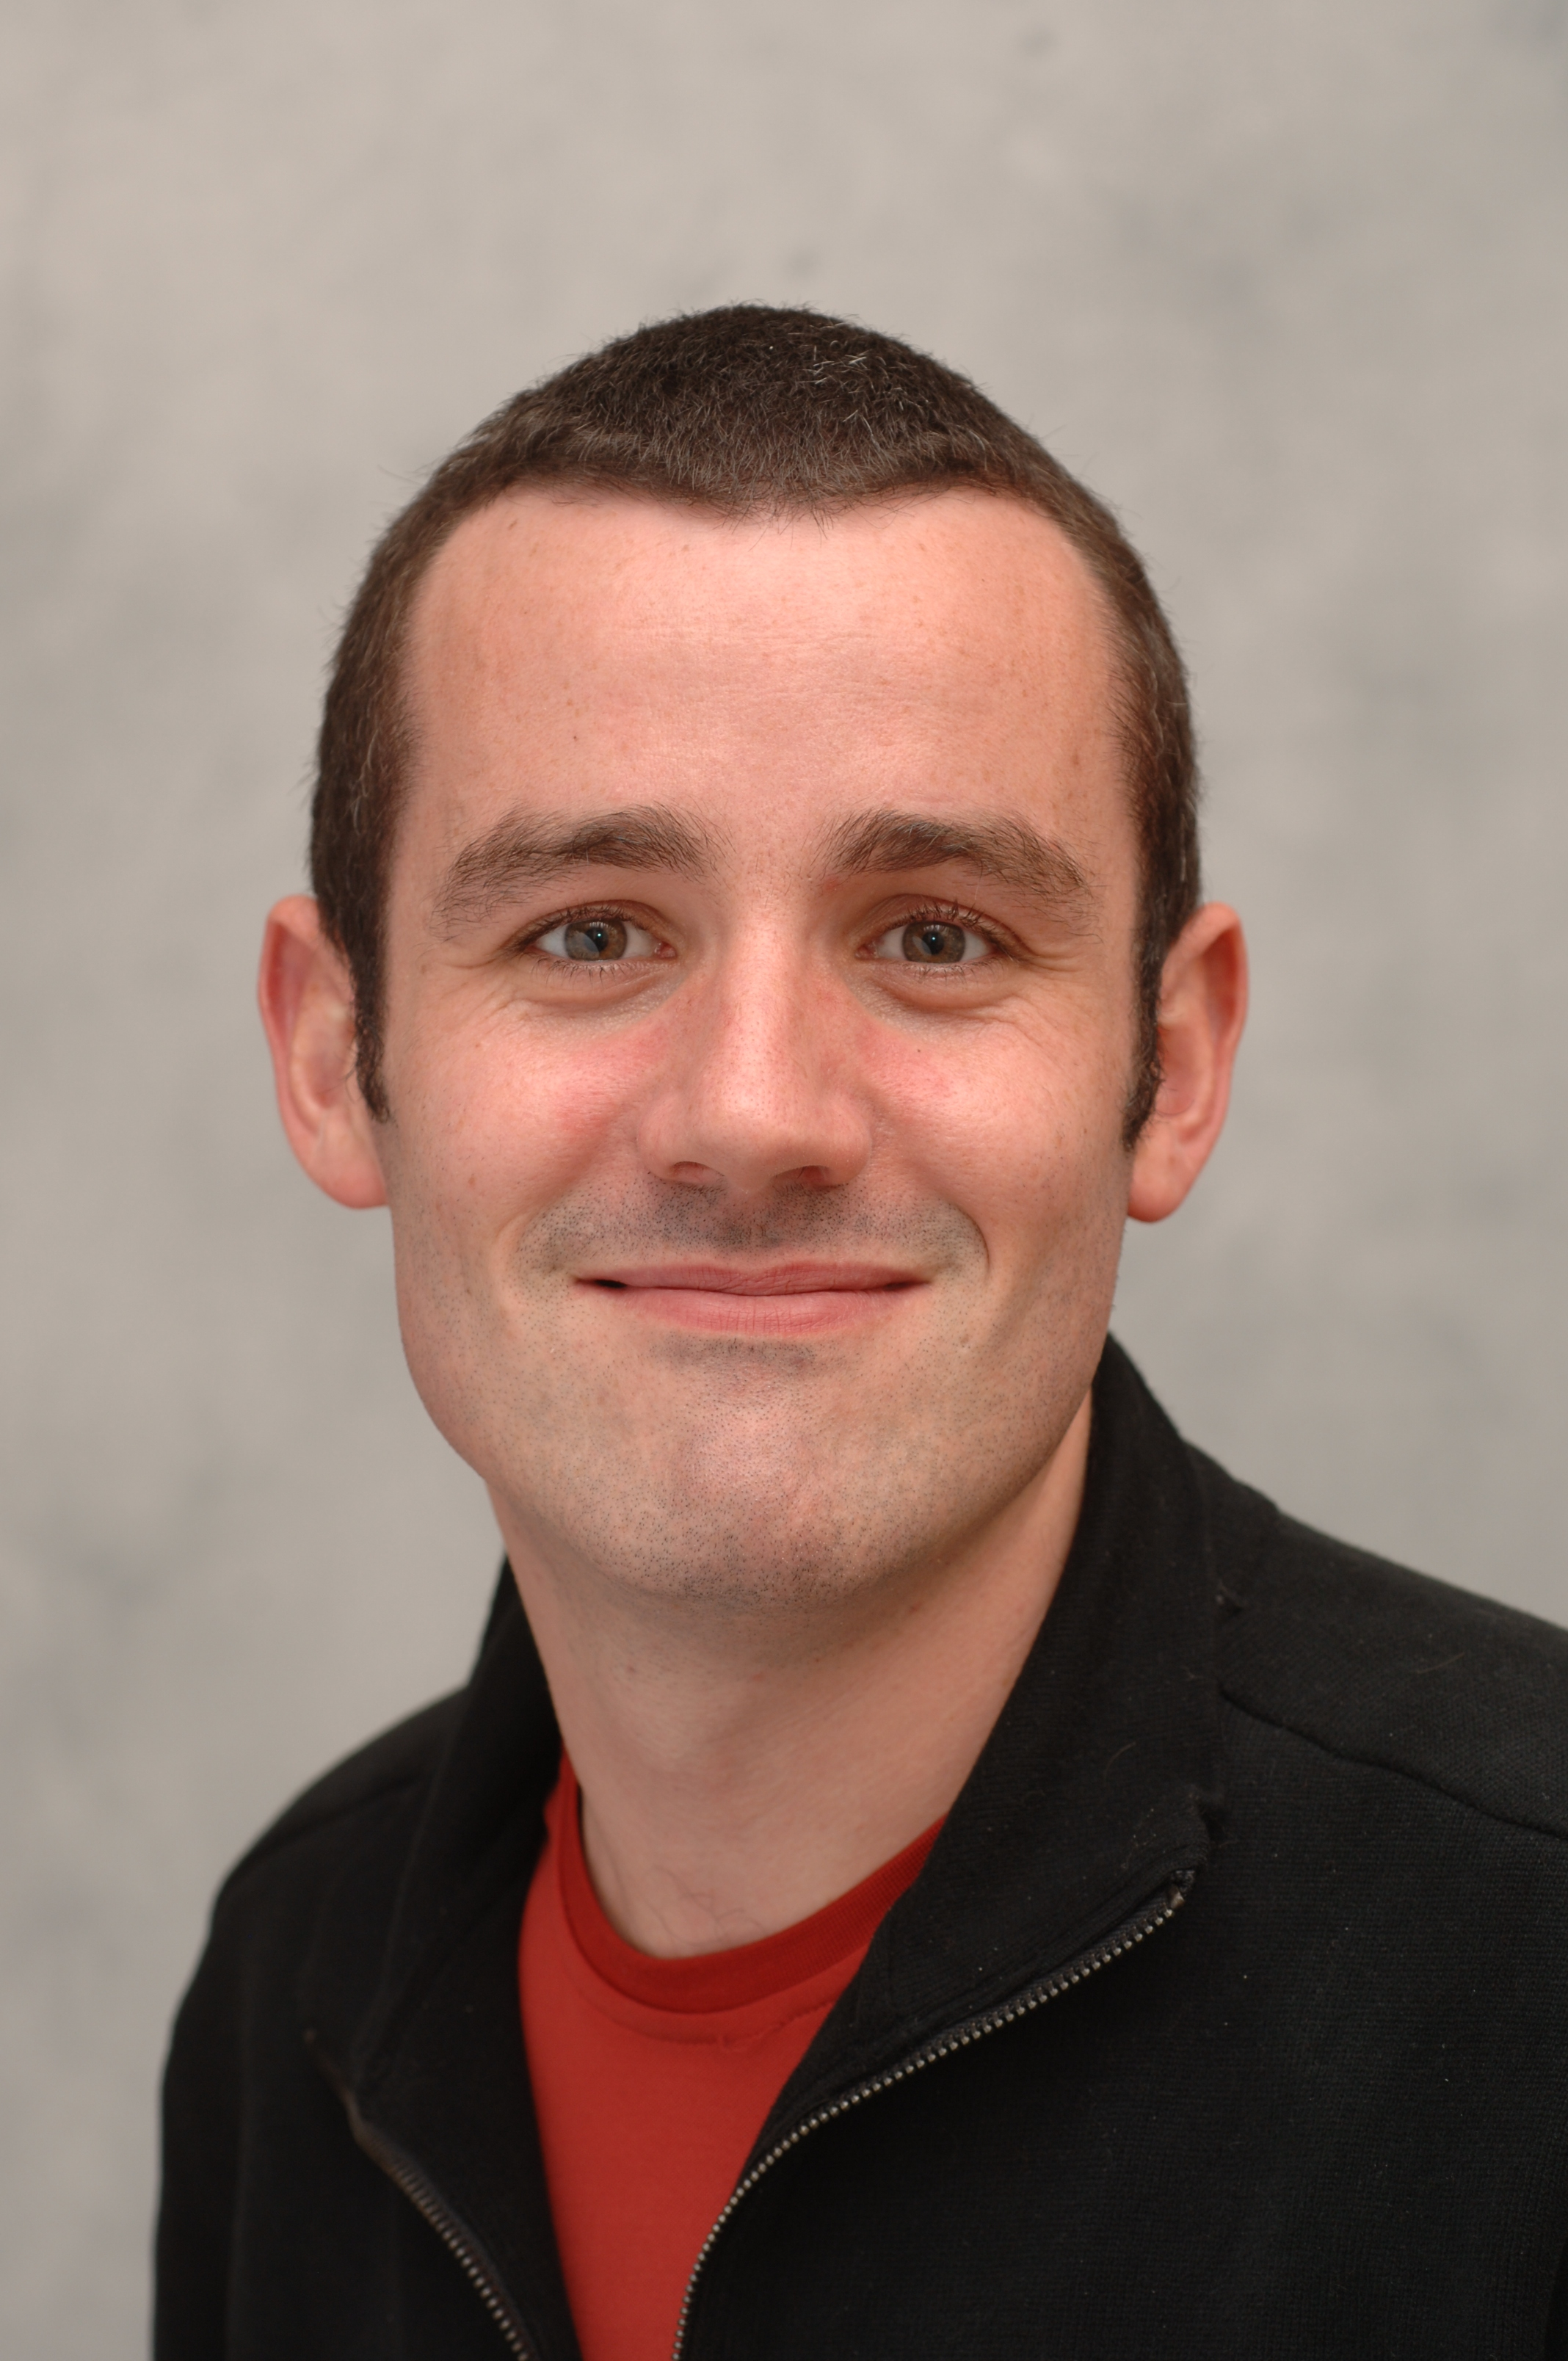 Vincent O'Sullivan